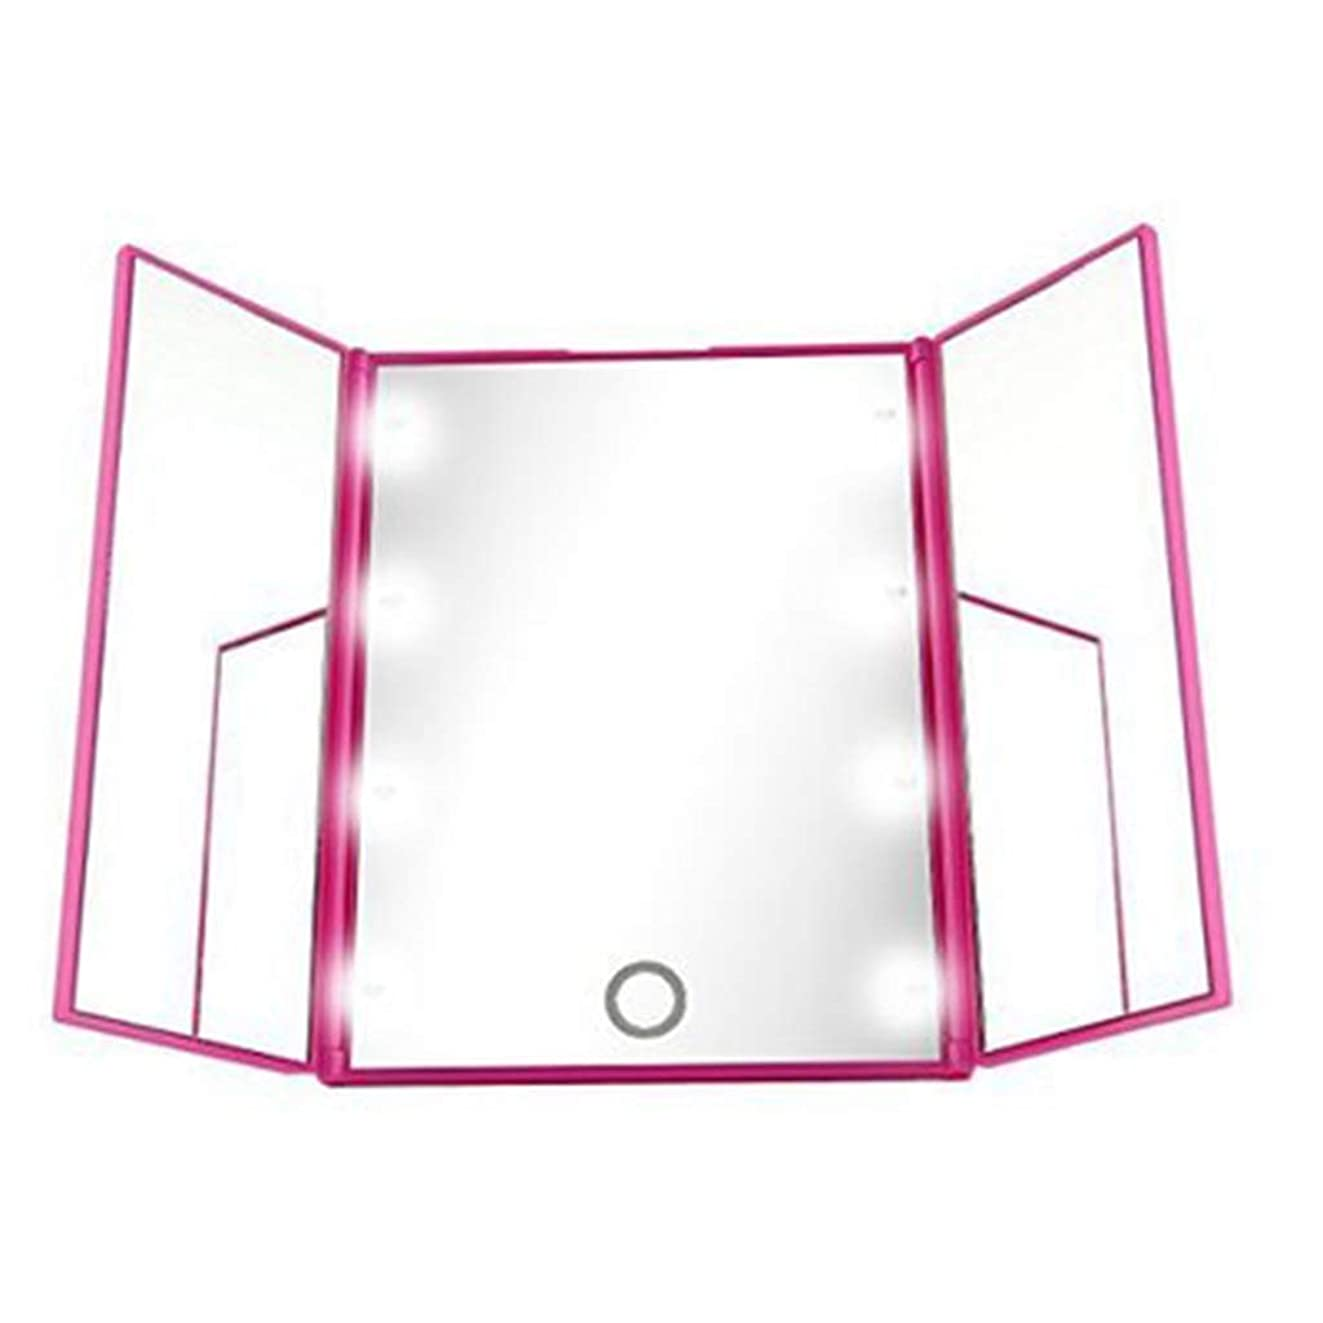 浸透する約不十分洗面化粧台ミラー 照らされたLEDの虚栄心ミラーはタッチ画面のつけられた化粧台ミラーの浴室ミラーをつけます 化粧鏡 (Color : Pink)